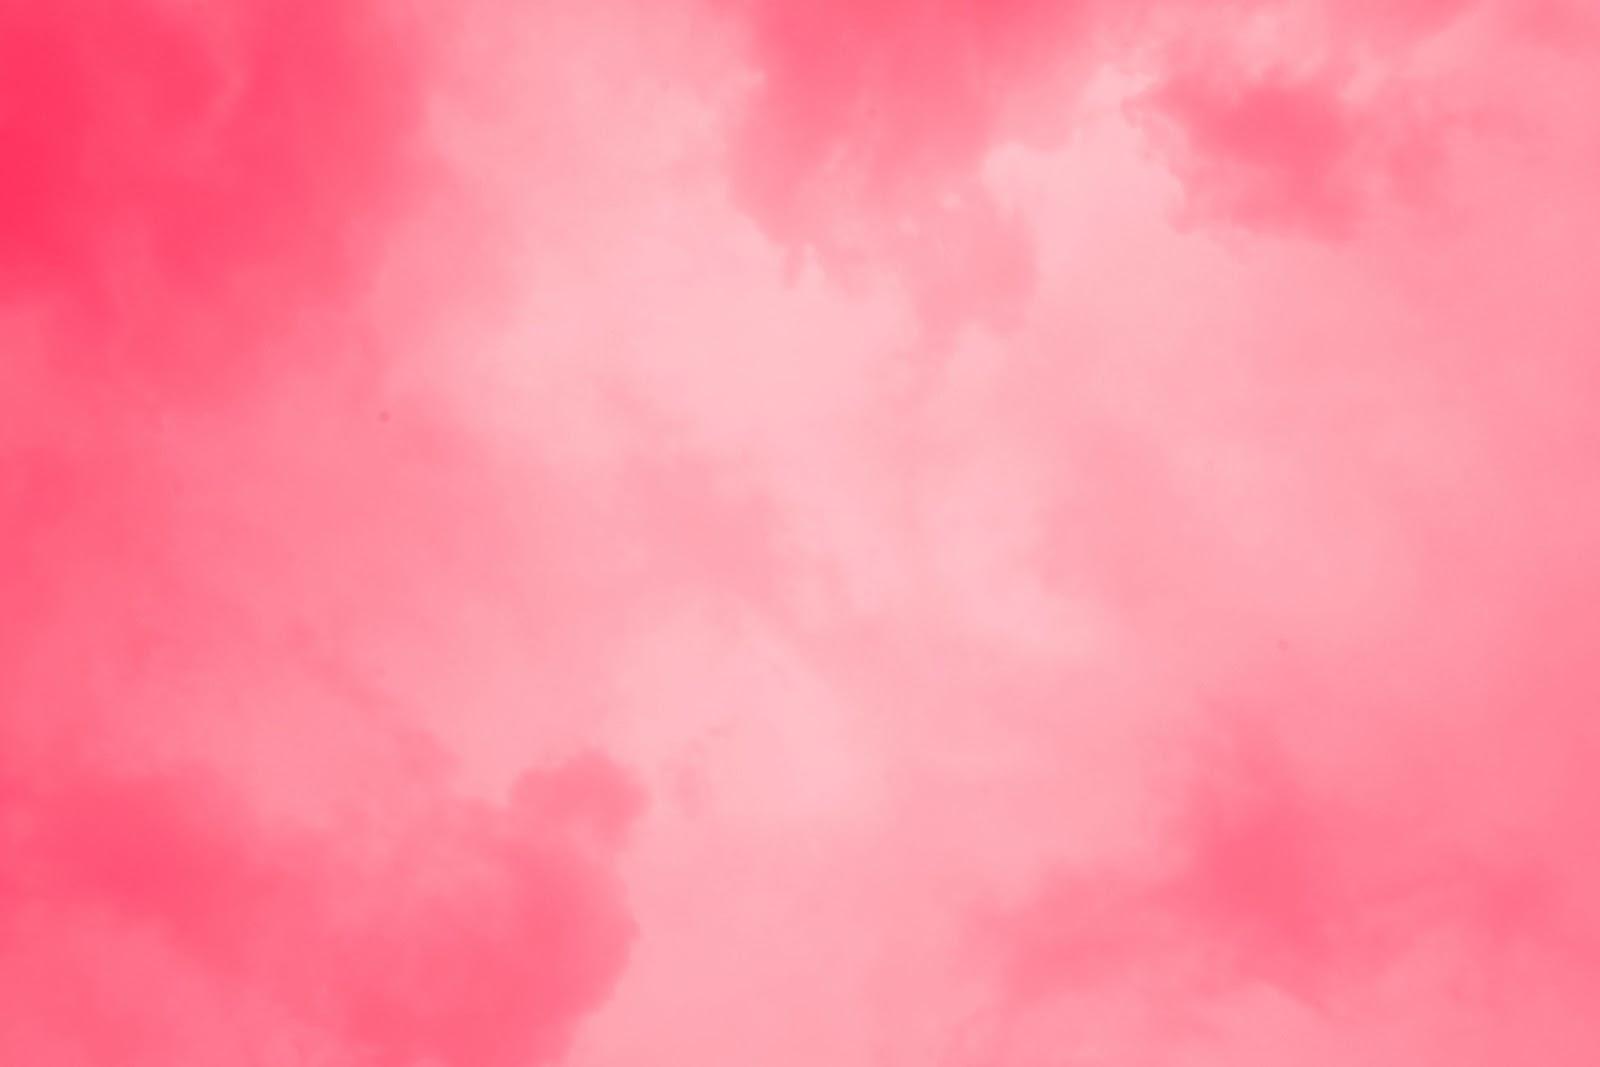 pink linkedin background